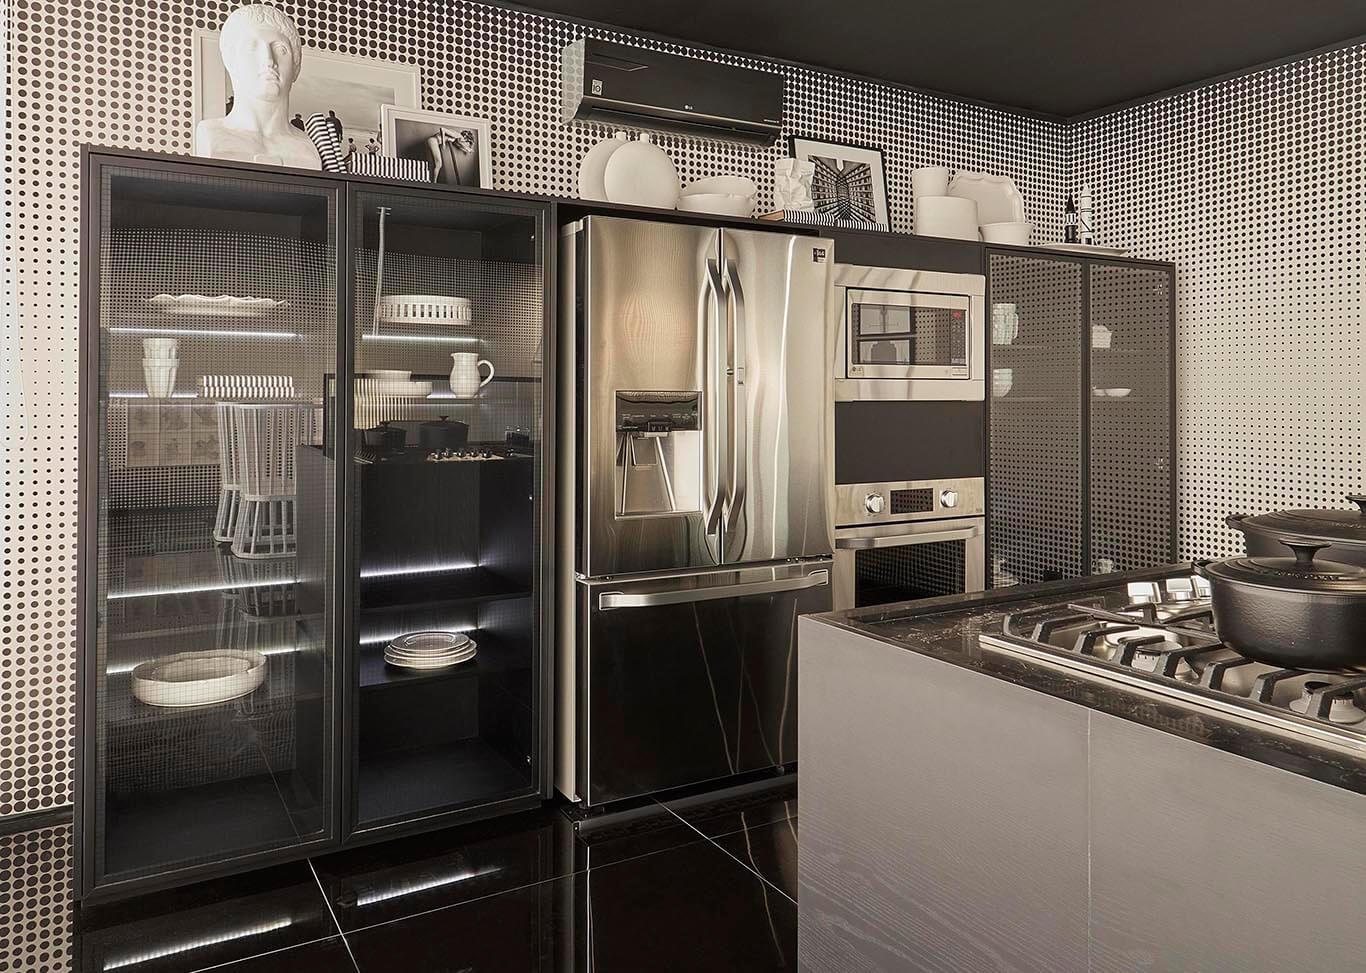 Dell Anno - Cozinha Ideias e Projetos7